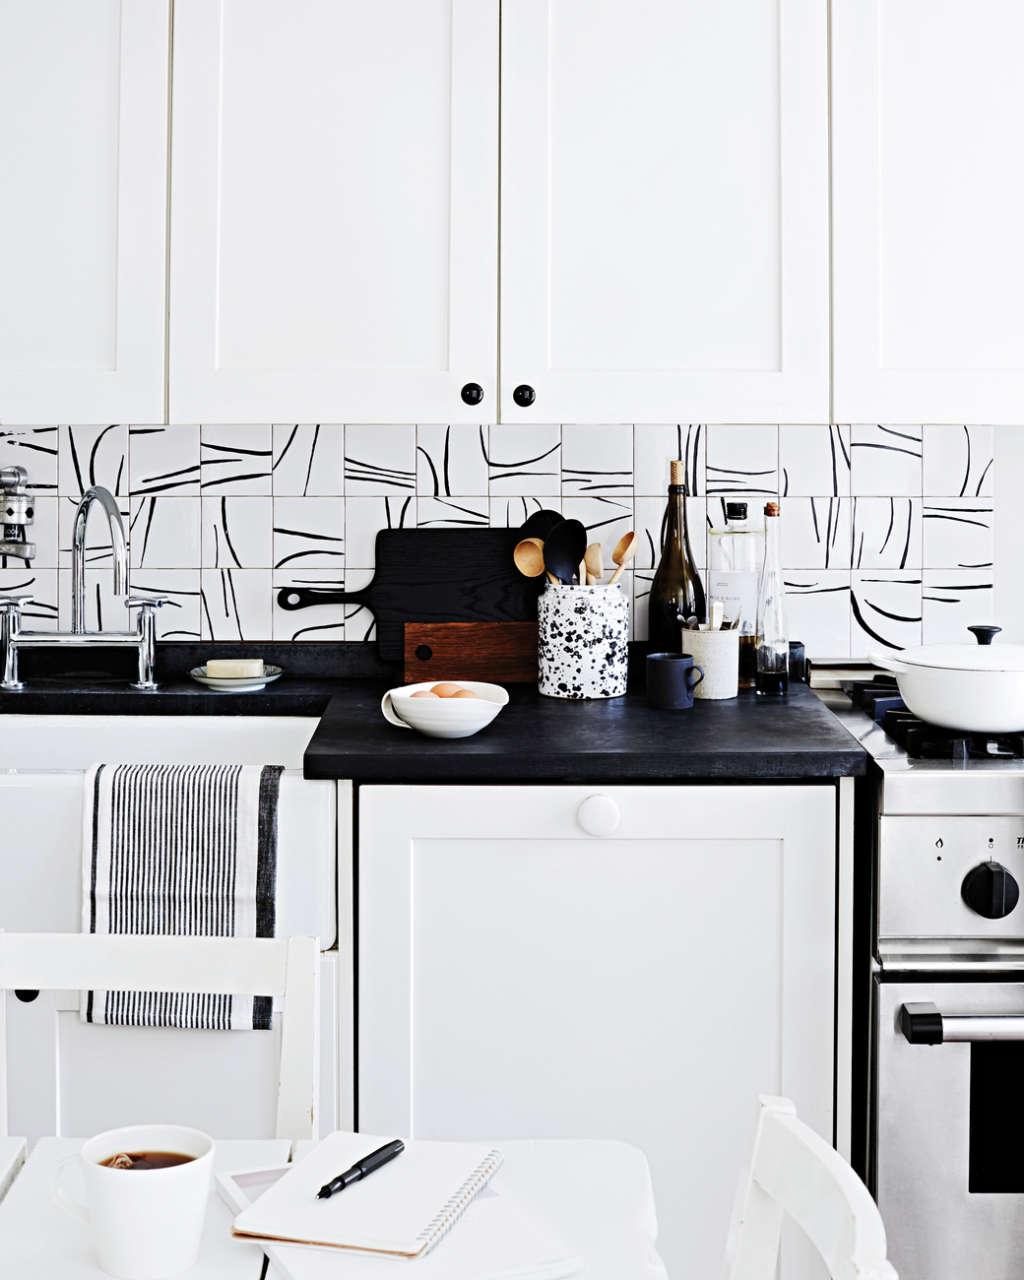 Easy Ways to Update Your Kitchen Backsplash